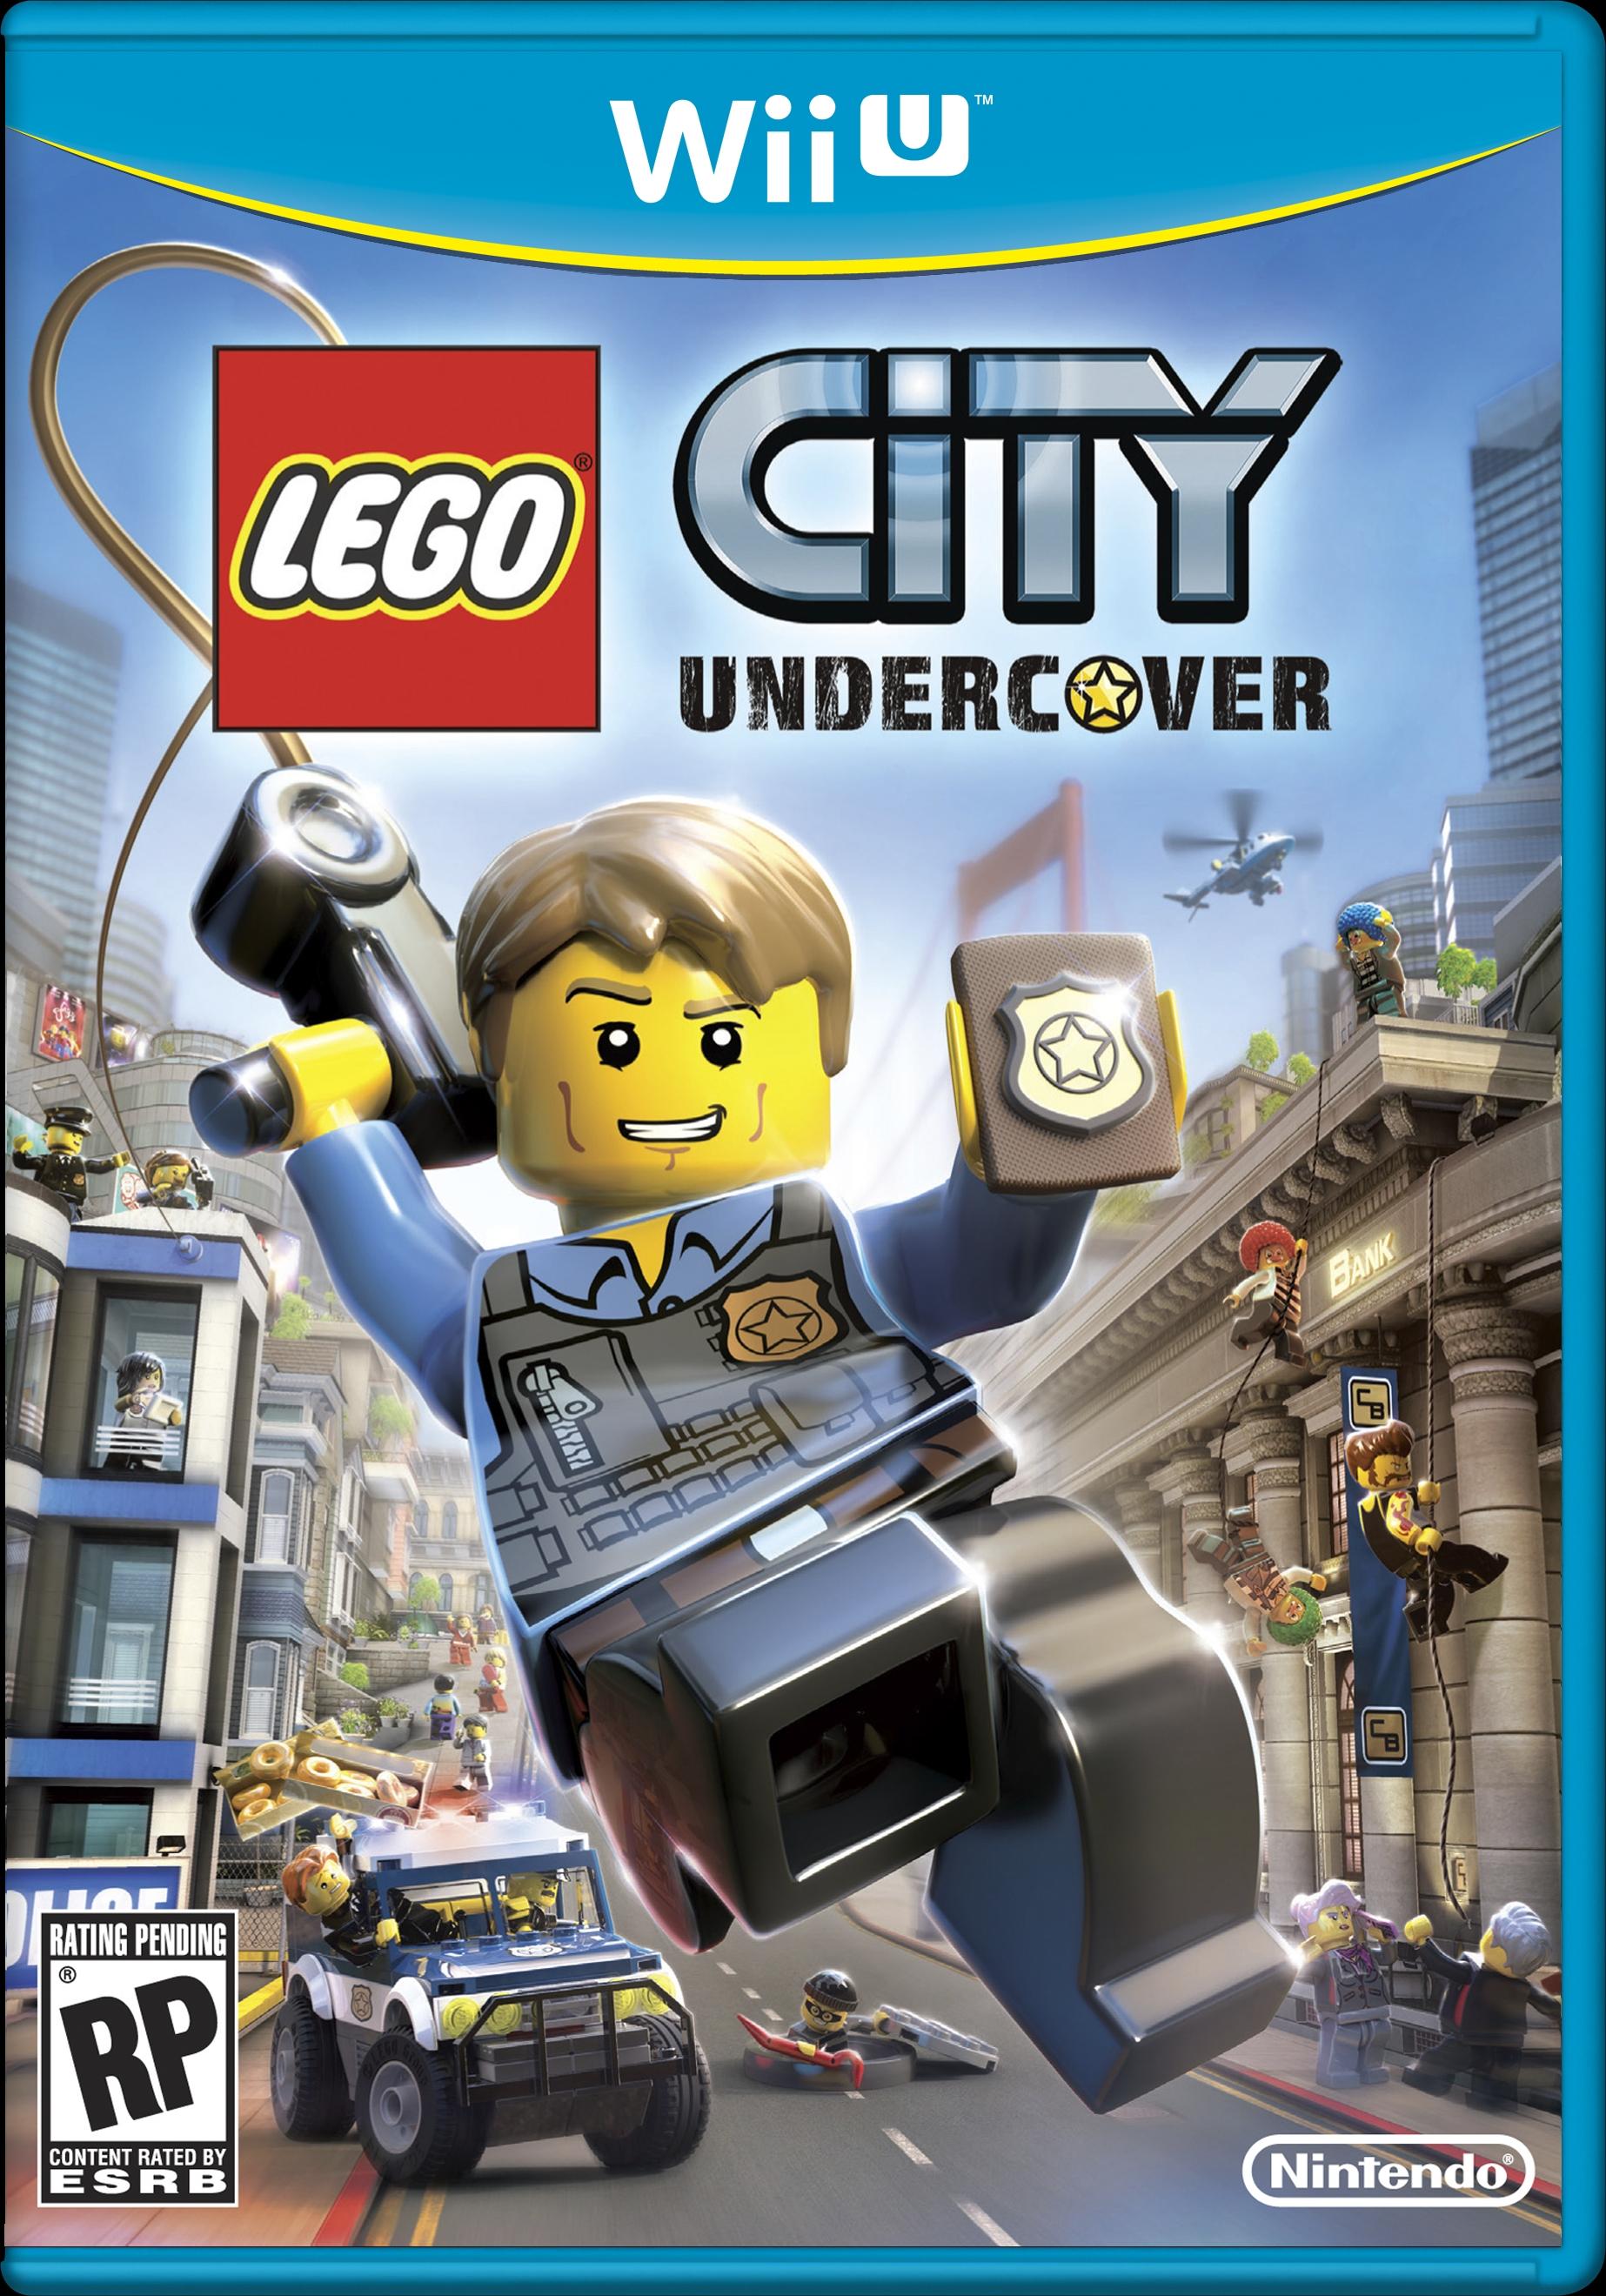 Бокс-арт (Wii) - LEGO City Undercover